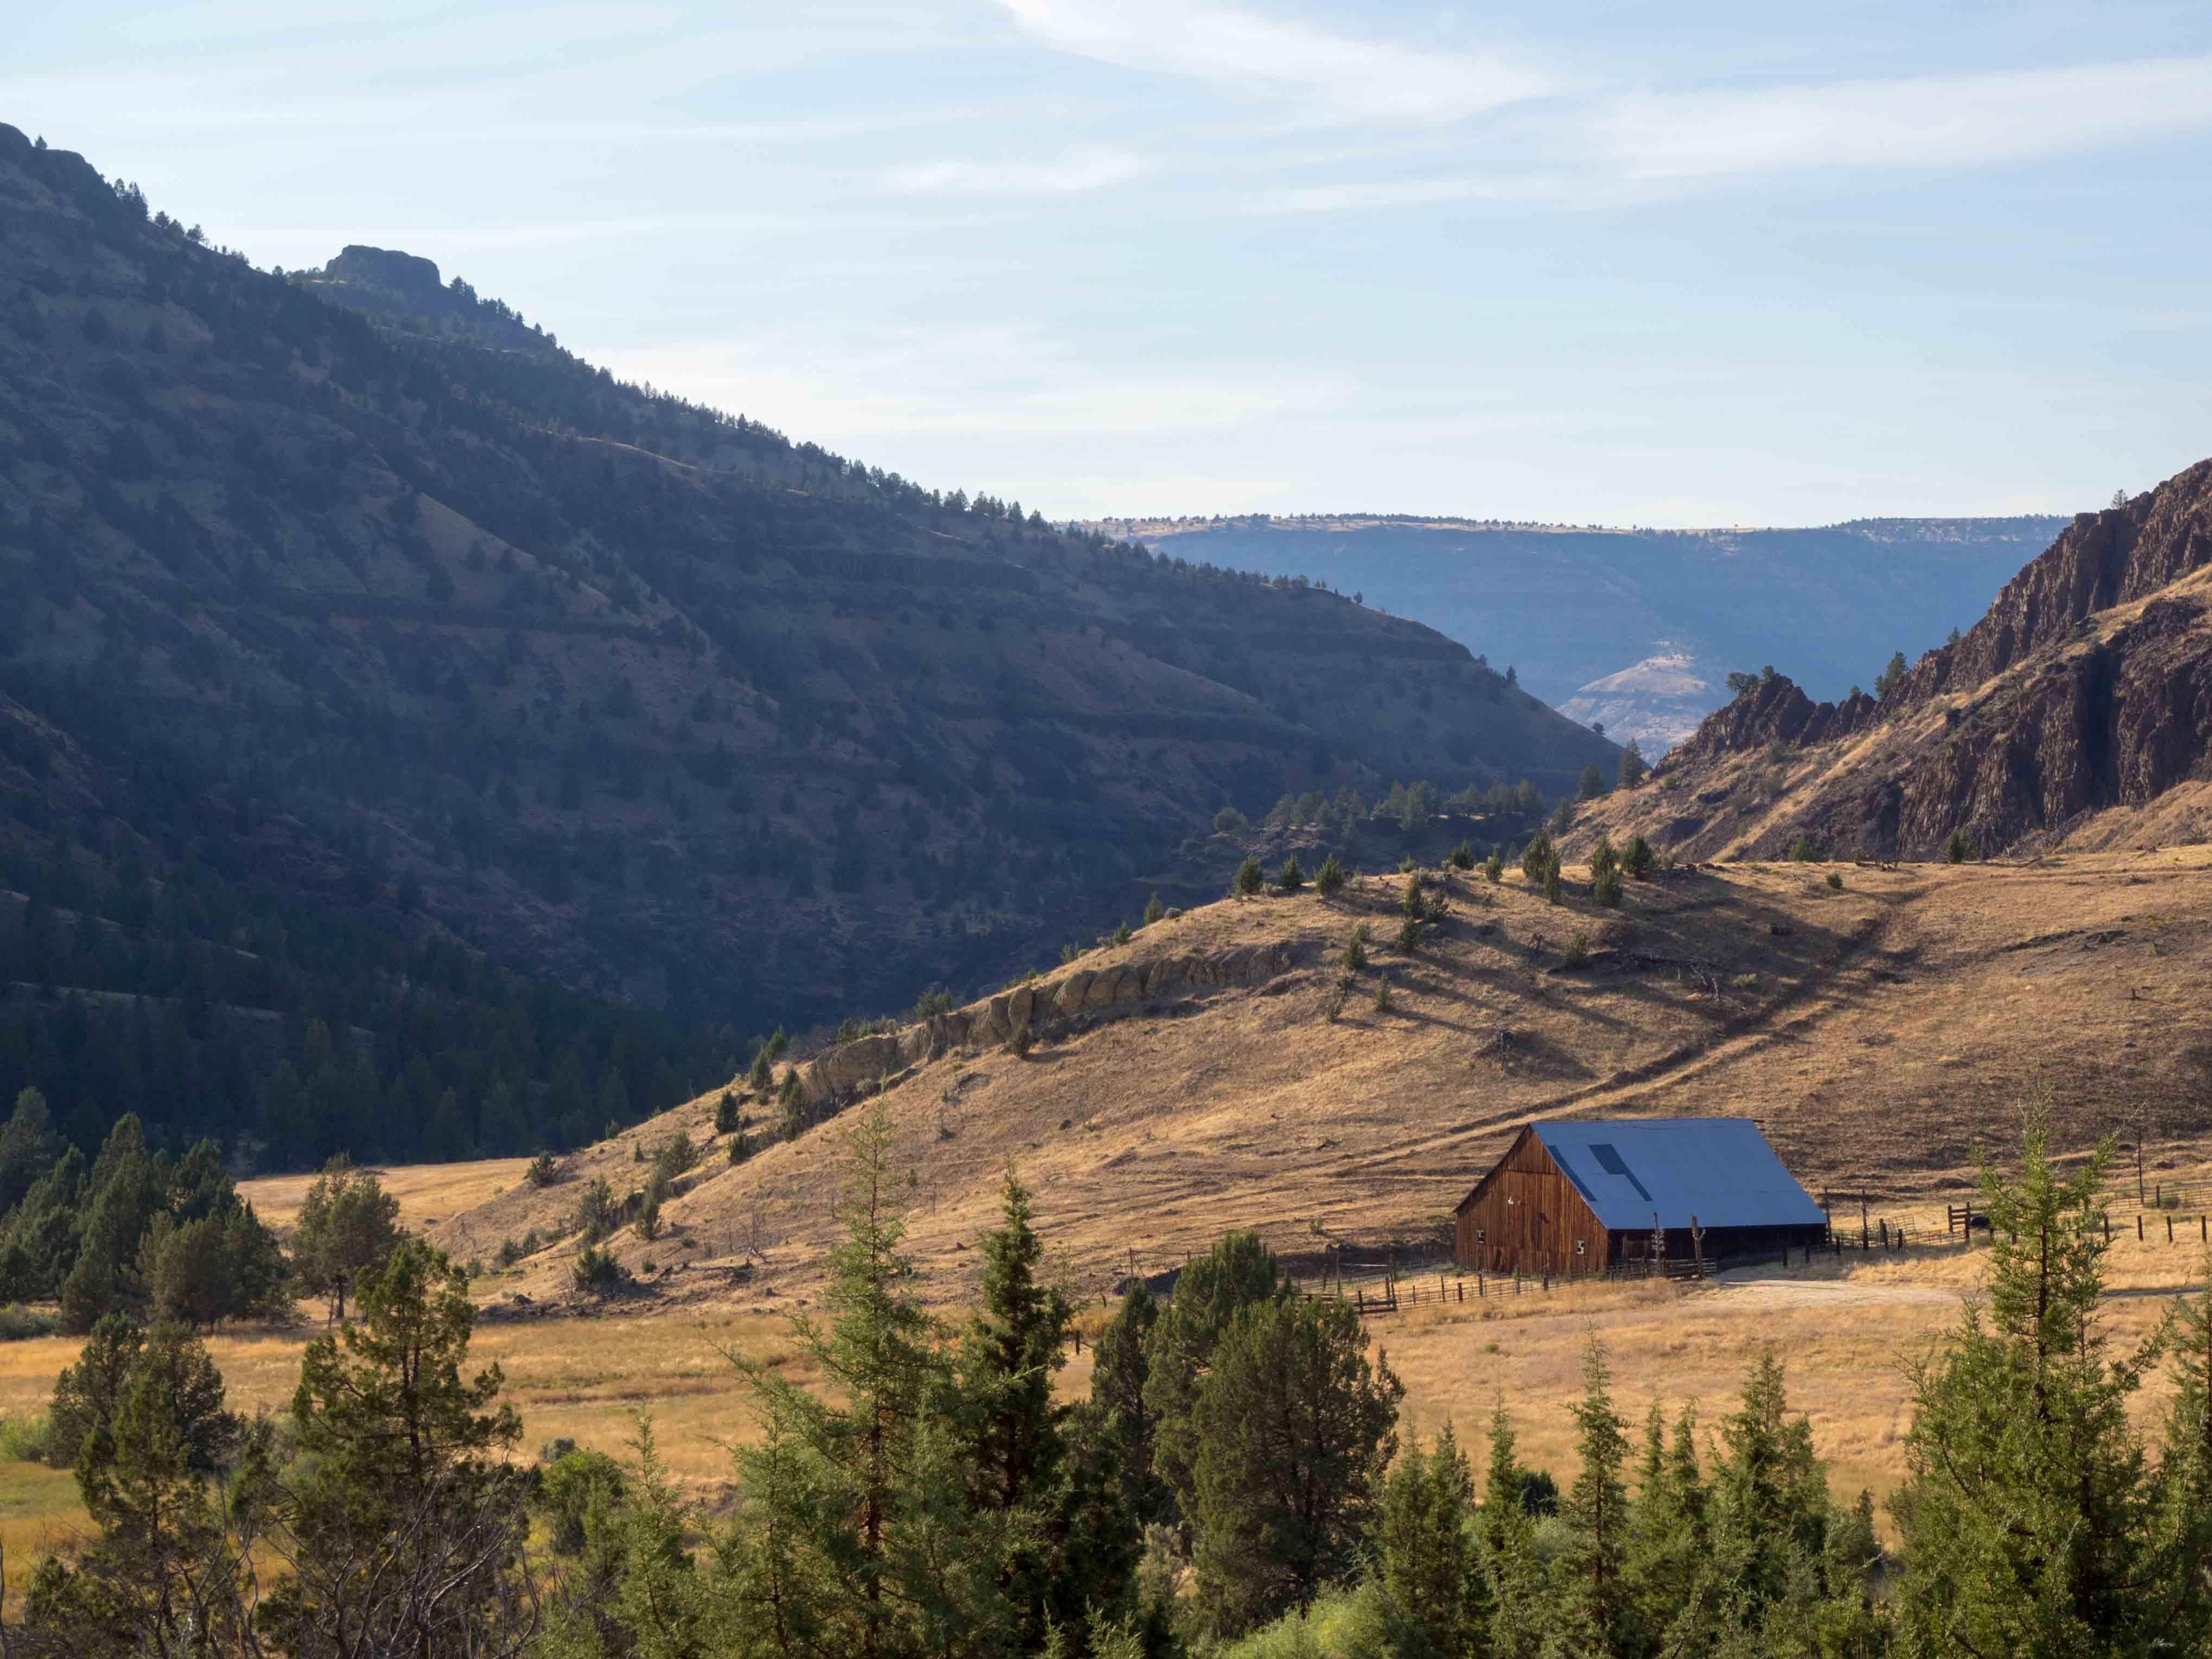 Un Jour de Neige - Carnet d'Amérique - Une ferme en Oregon